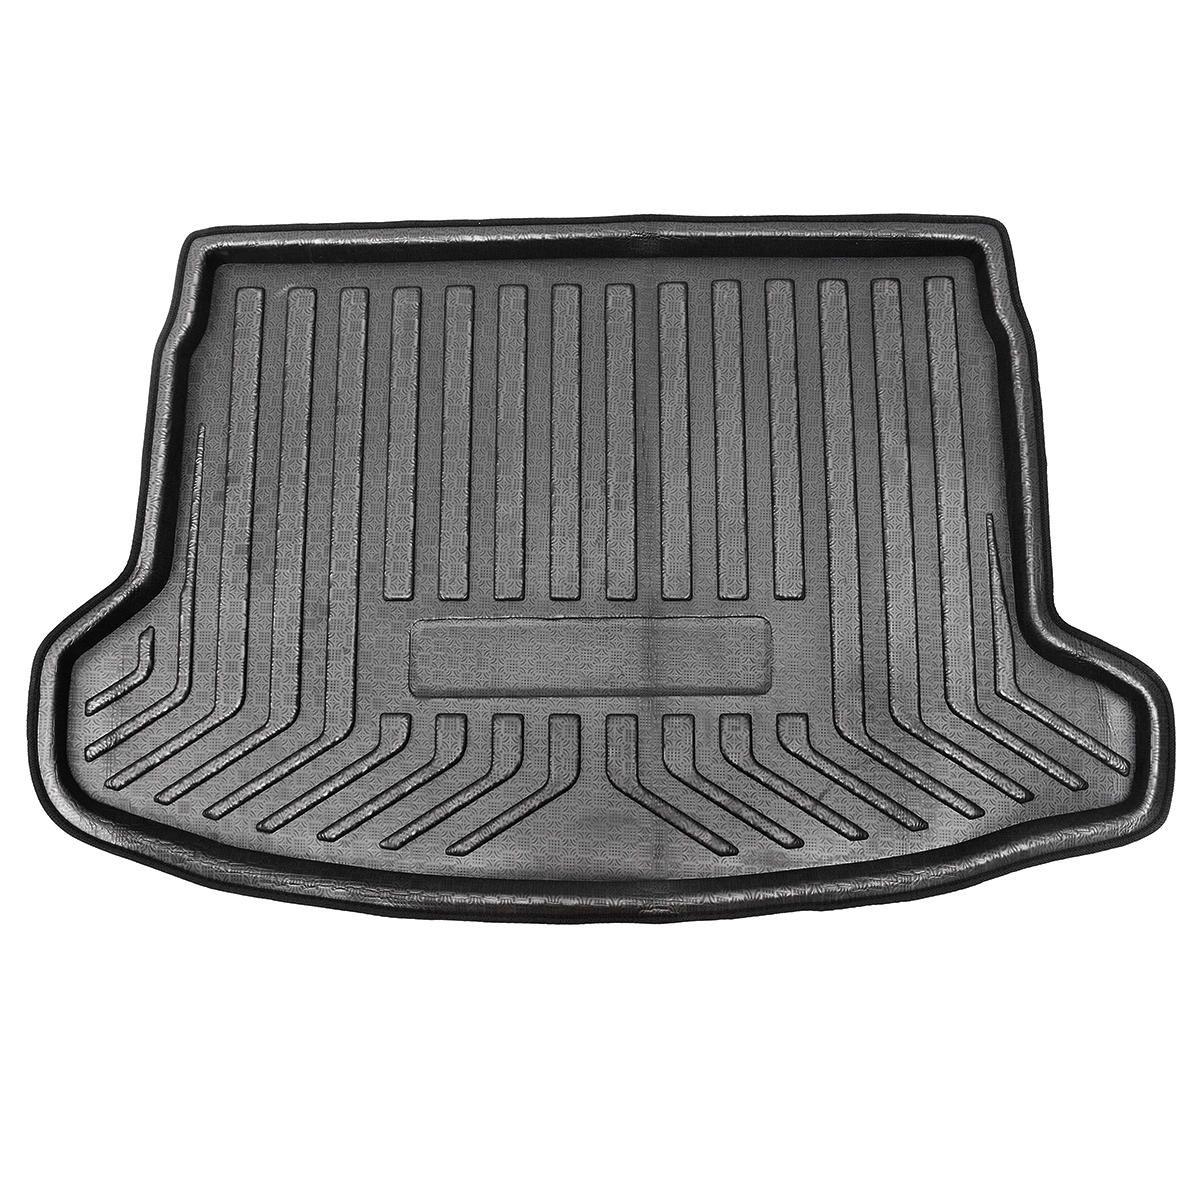 Car Rear Trunk Boot Liner Cargo Mat Floor Tray For Nissan Qashqai